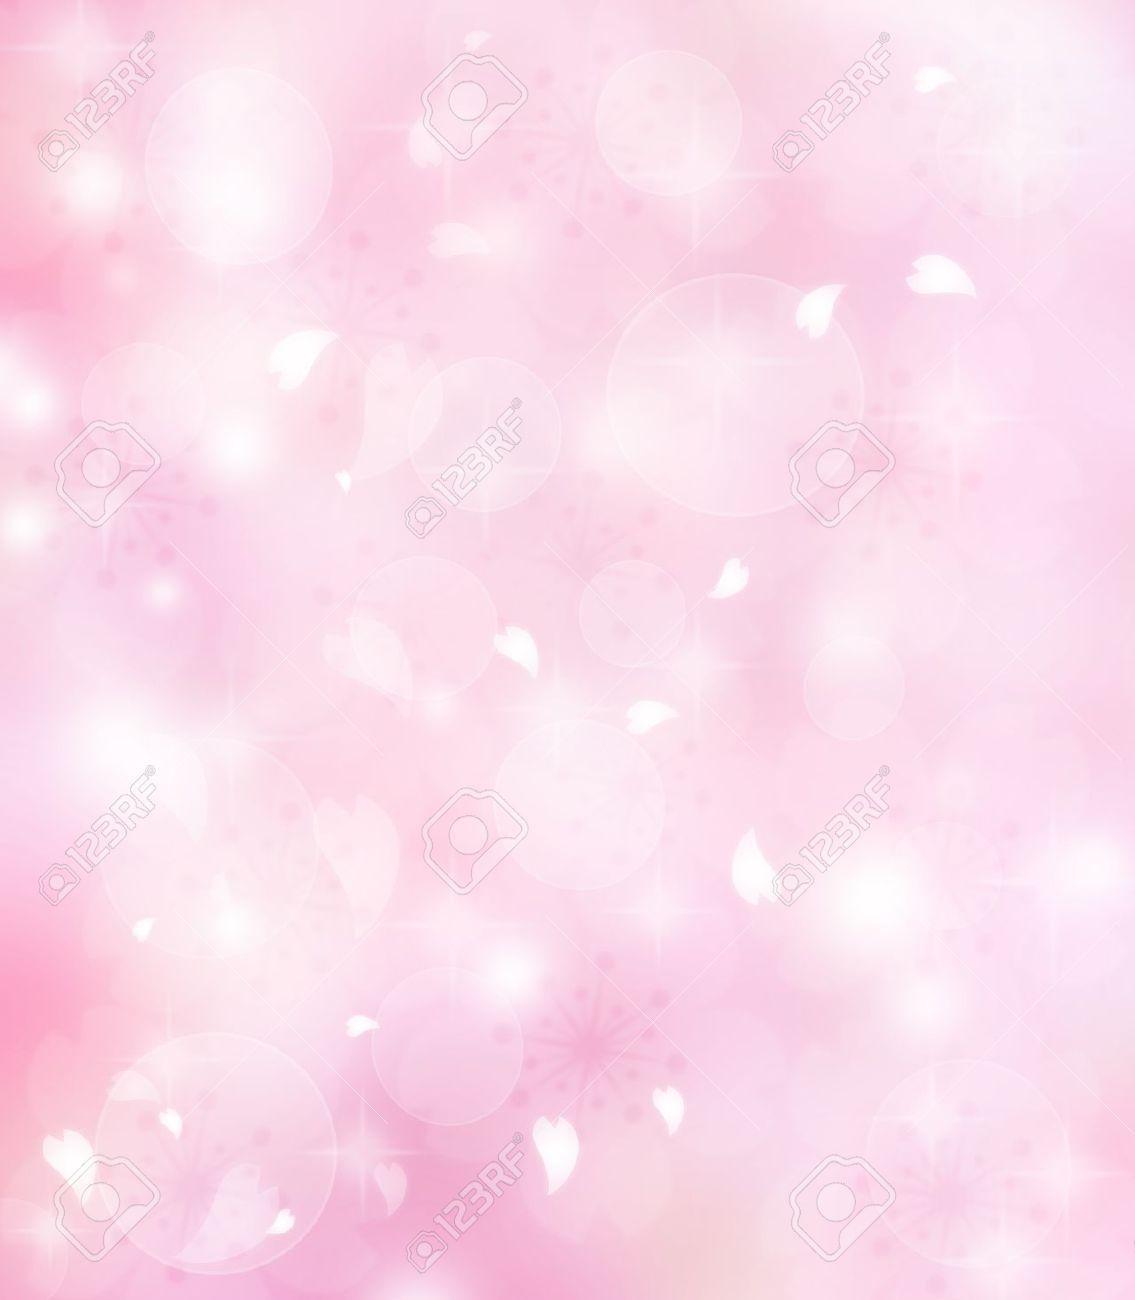 Light pink flower backgrounds 83478 infobit light pink flower backgrounds mightylinksfo